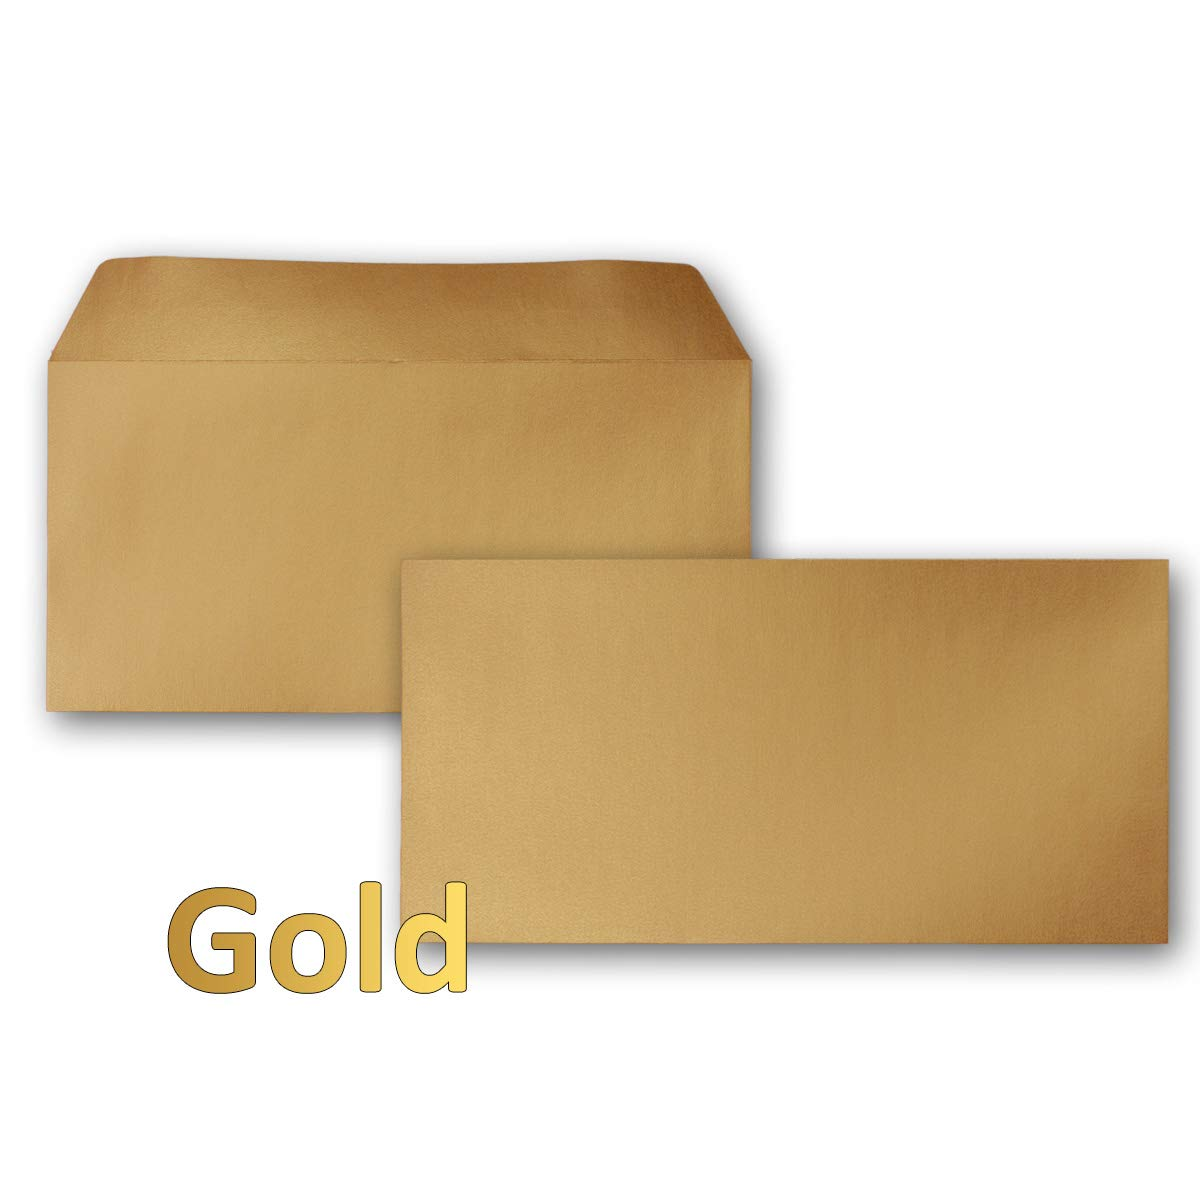 500 Kupfer-Metallic Brief-Umschläge DIN Lang - 100 x 220 mm - Haftklebung - glänzende KuGrüns für große Einladungen und Karten, Hochzeit & Weihnachten B0136H38XO | Ausgewählte Materialien